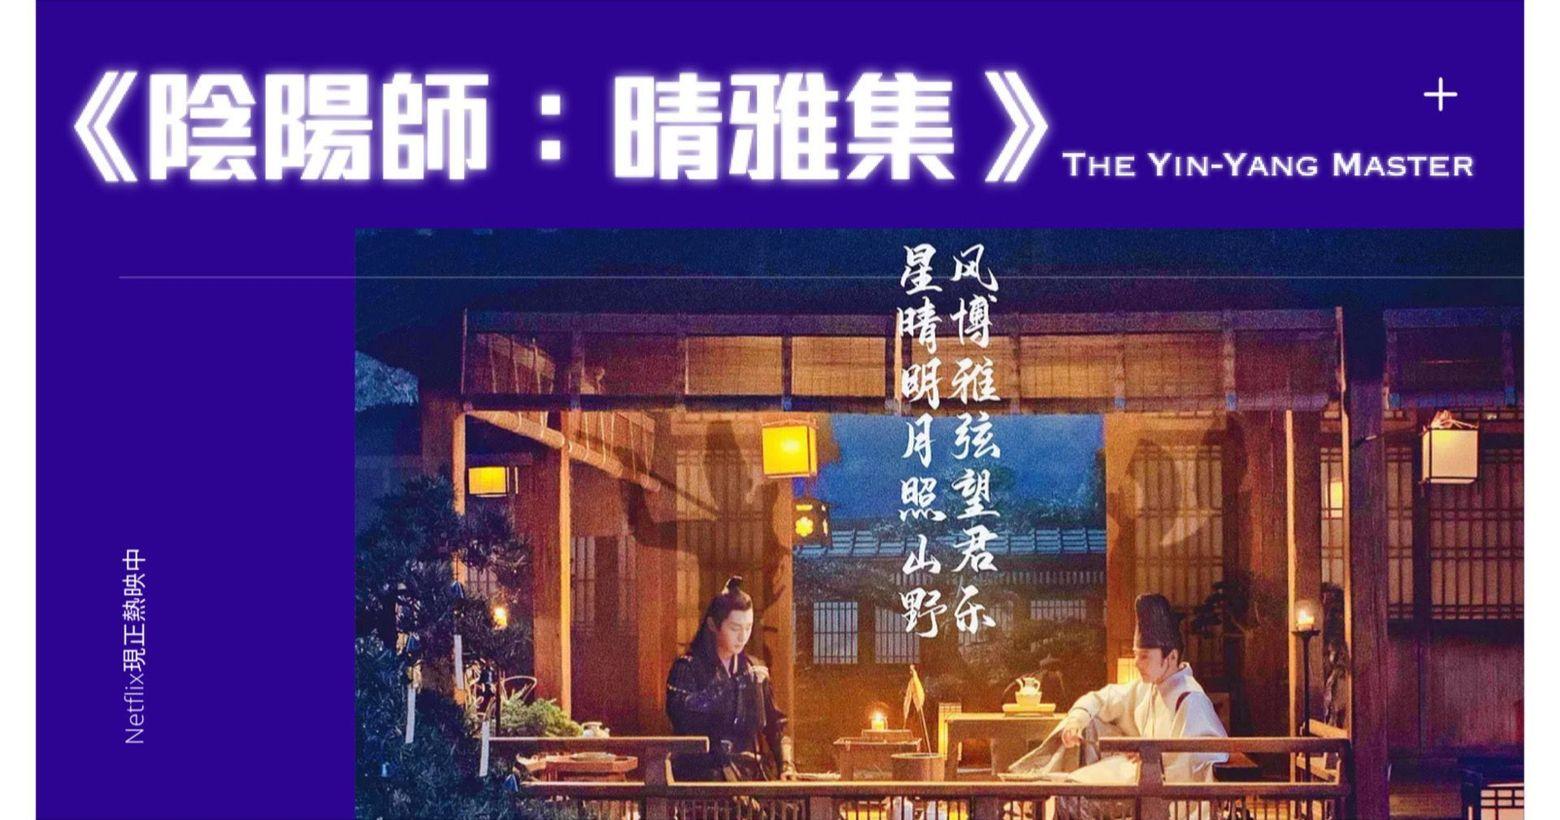 《陰陽師:晴雅集》你看過了嗎?本電影是改編自日本作家夢枕貘著名暢銷小說《陰陽師》,由郭敬明身兼導演及